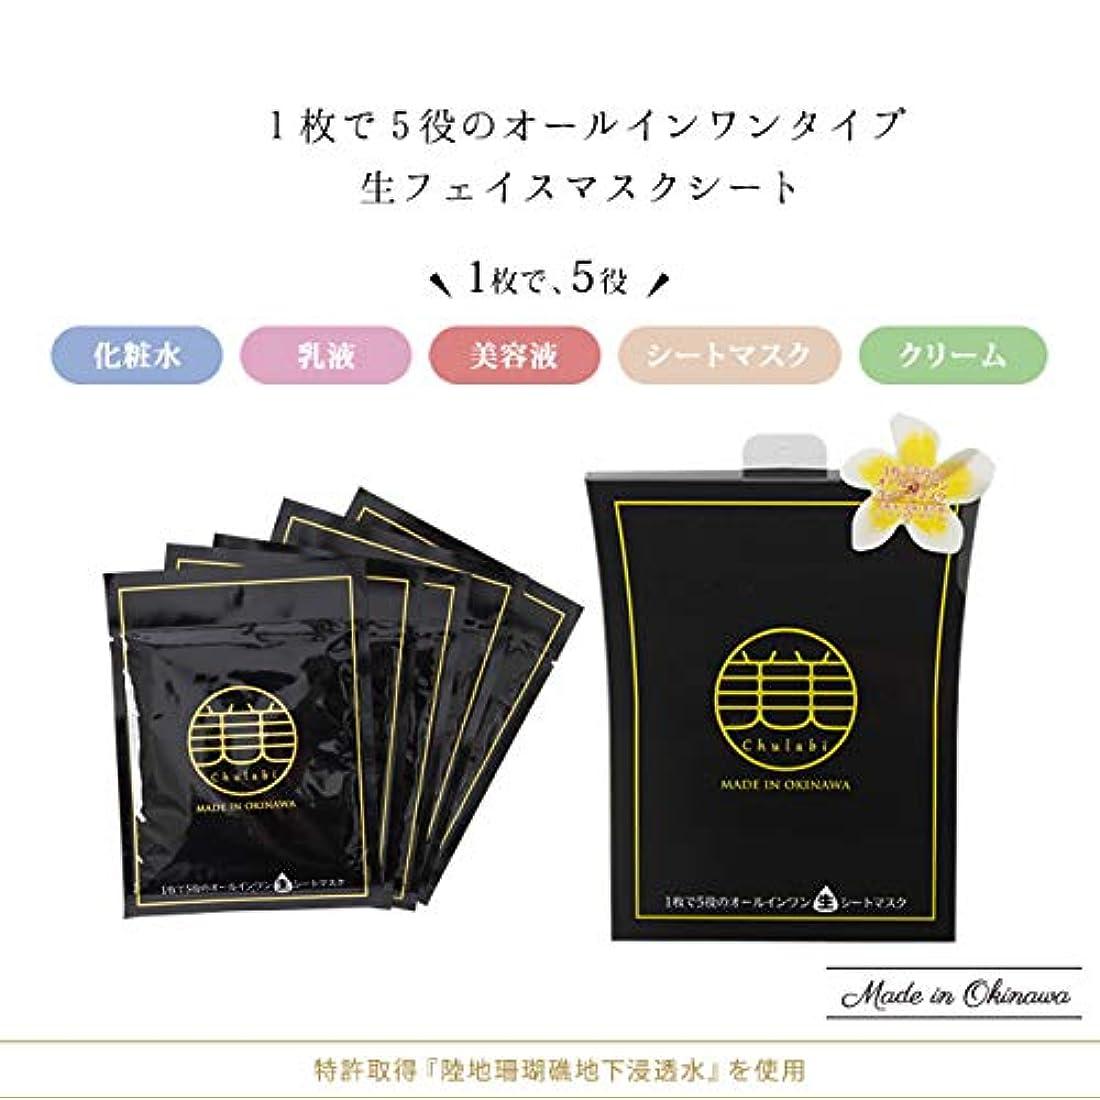 沿って発火するスワップChulabi(ちゅらび) 生フェイスマスクシート(1箱6枚入り)オールインワンパック